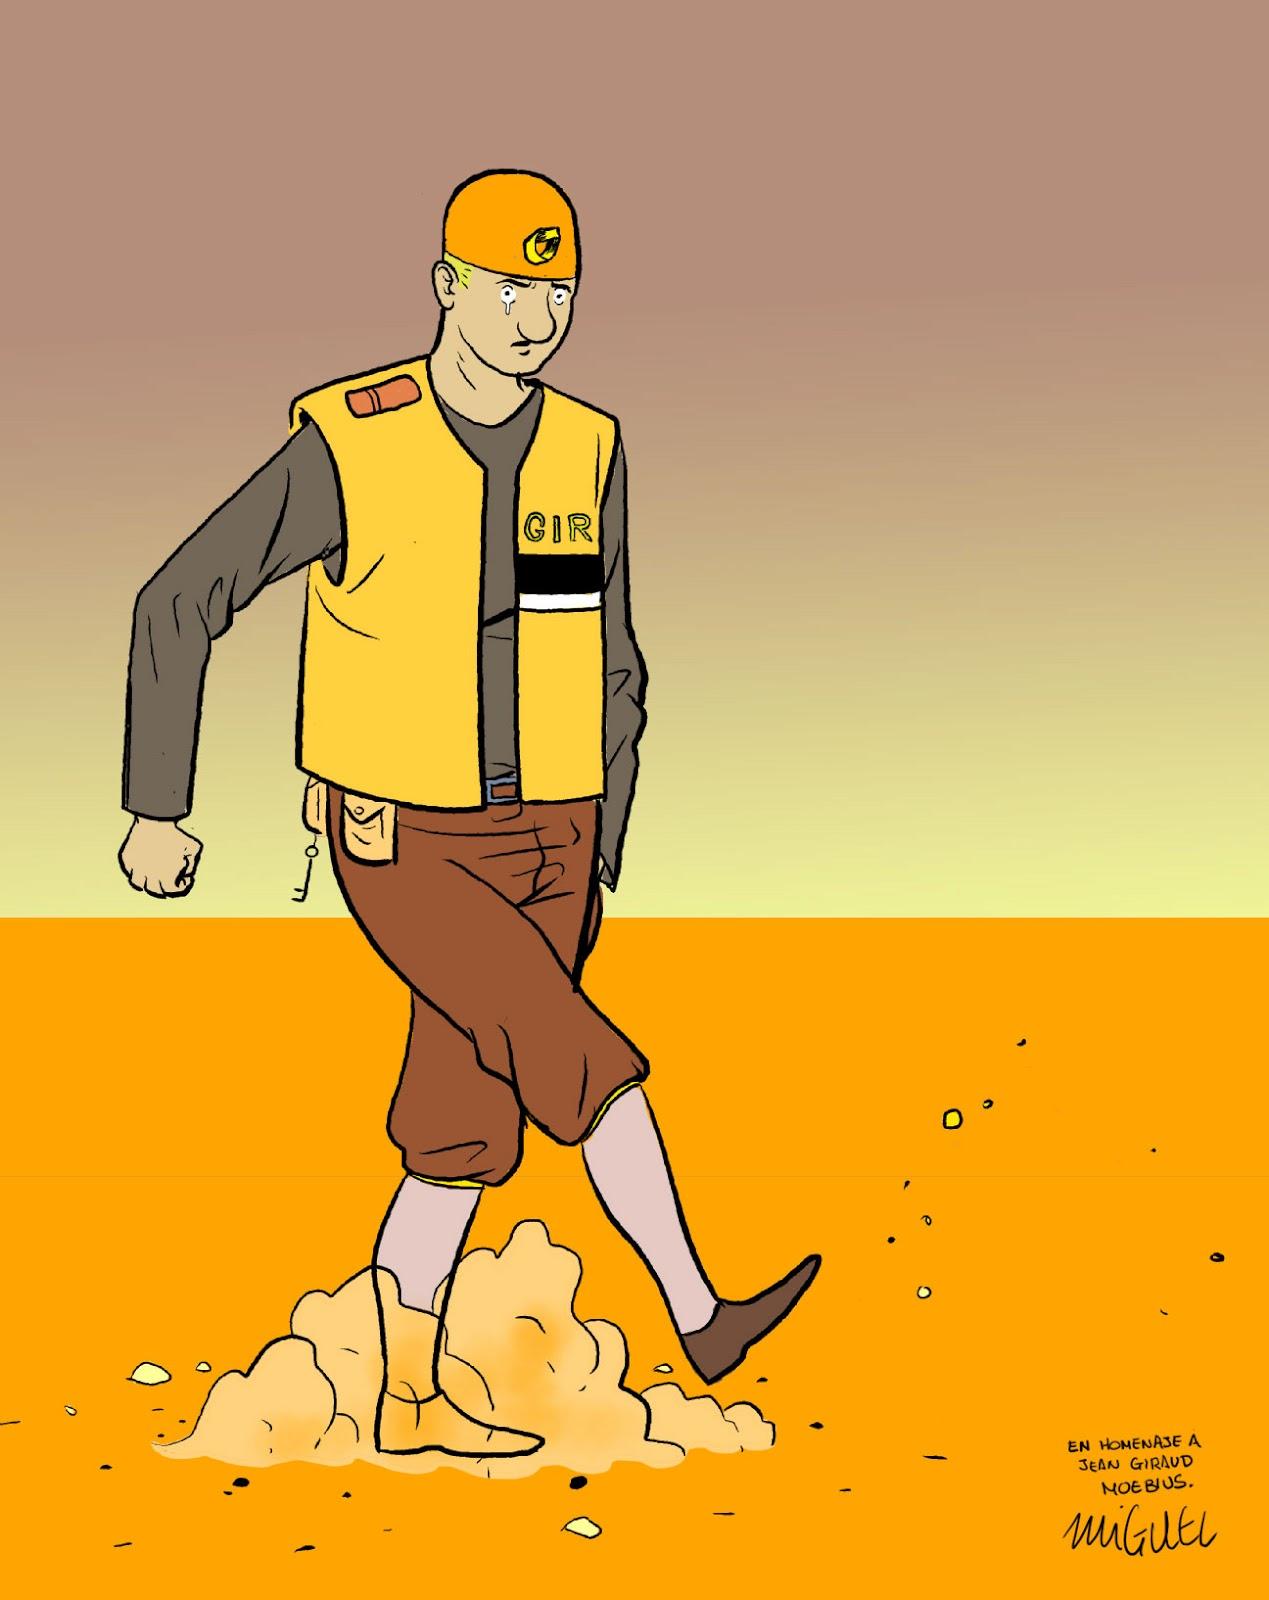 Ilustraci�n de Miguel Porto en homenaxe a Moebius